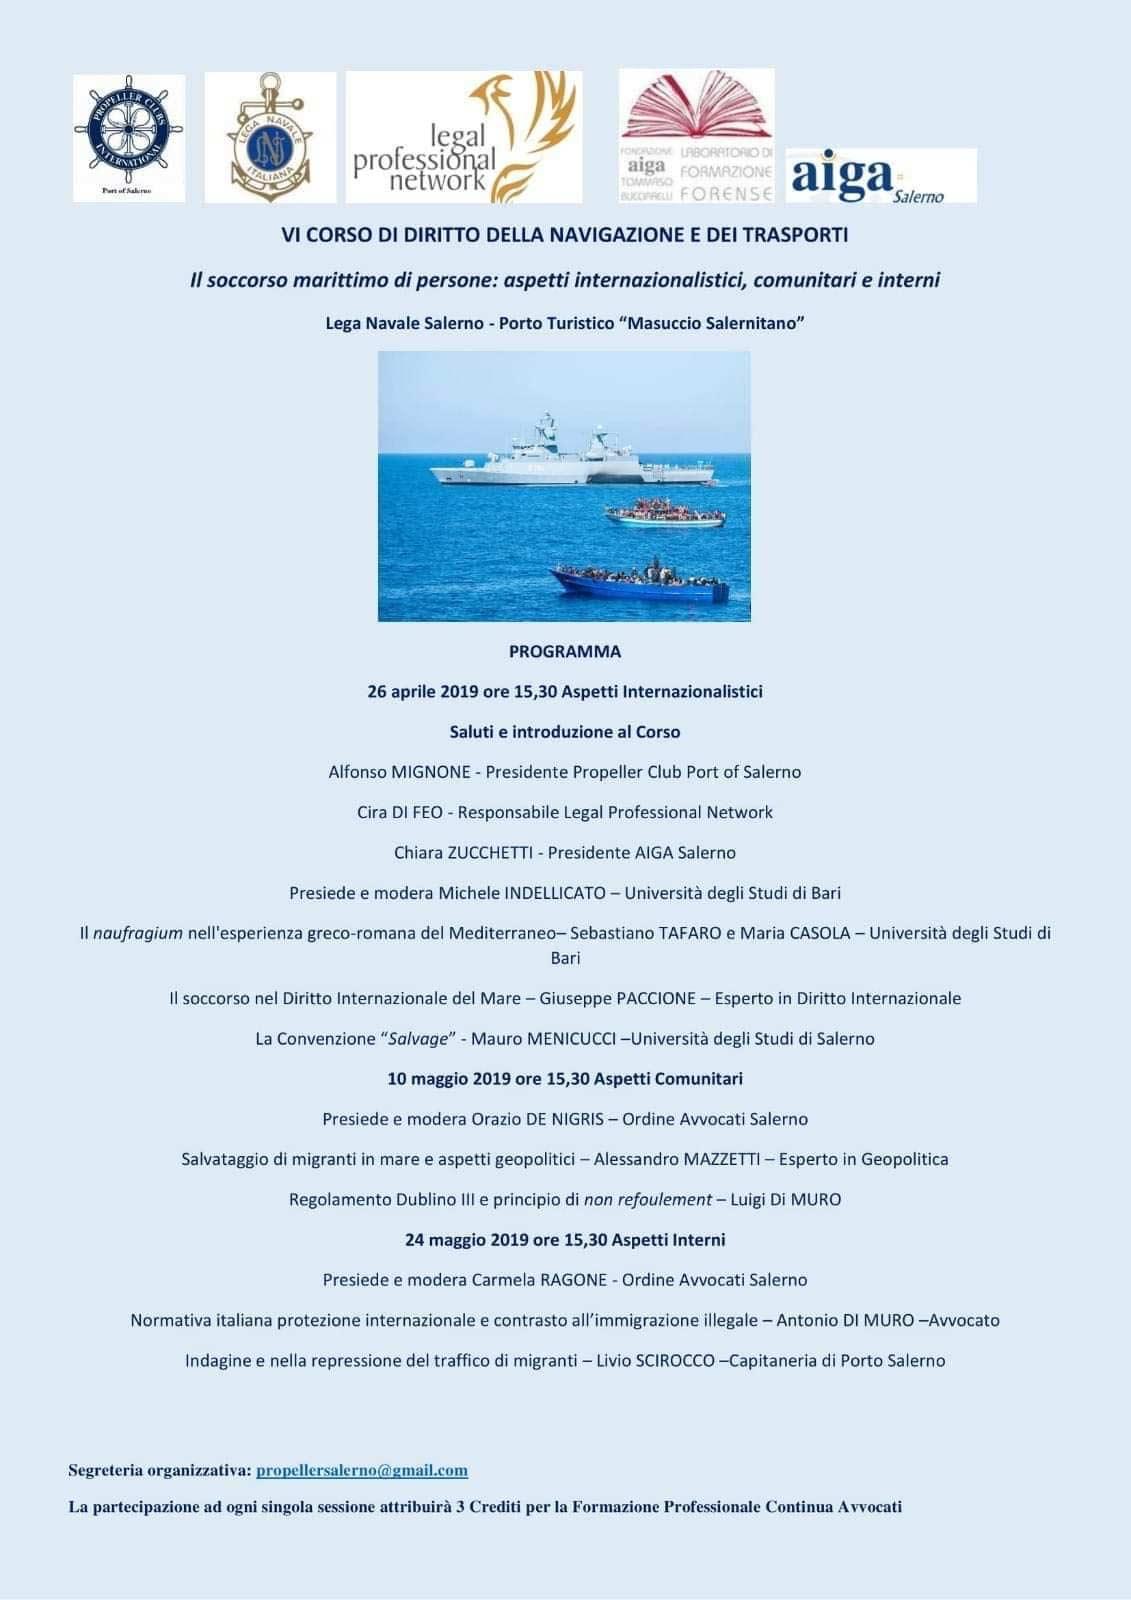 propeller salerno corso diritto della navigazione 2019 credifi formativi avvocati